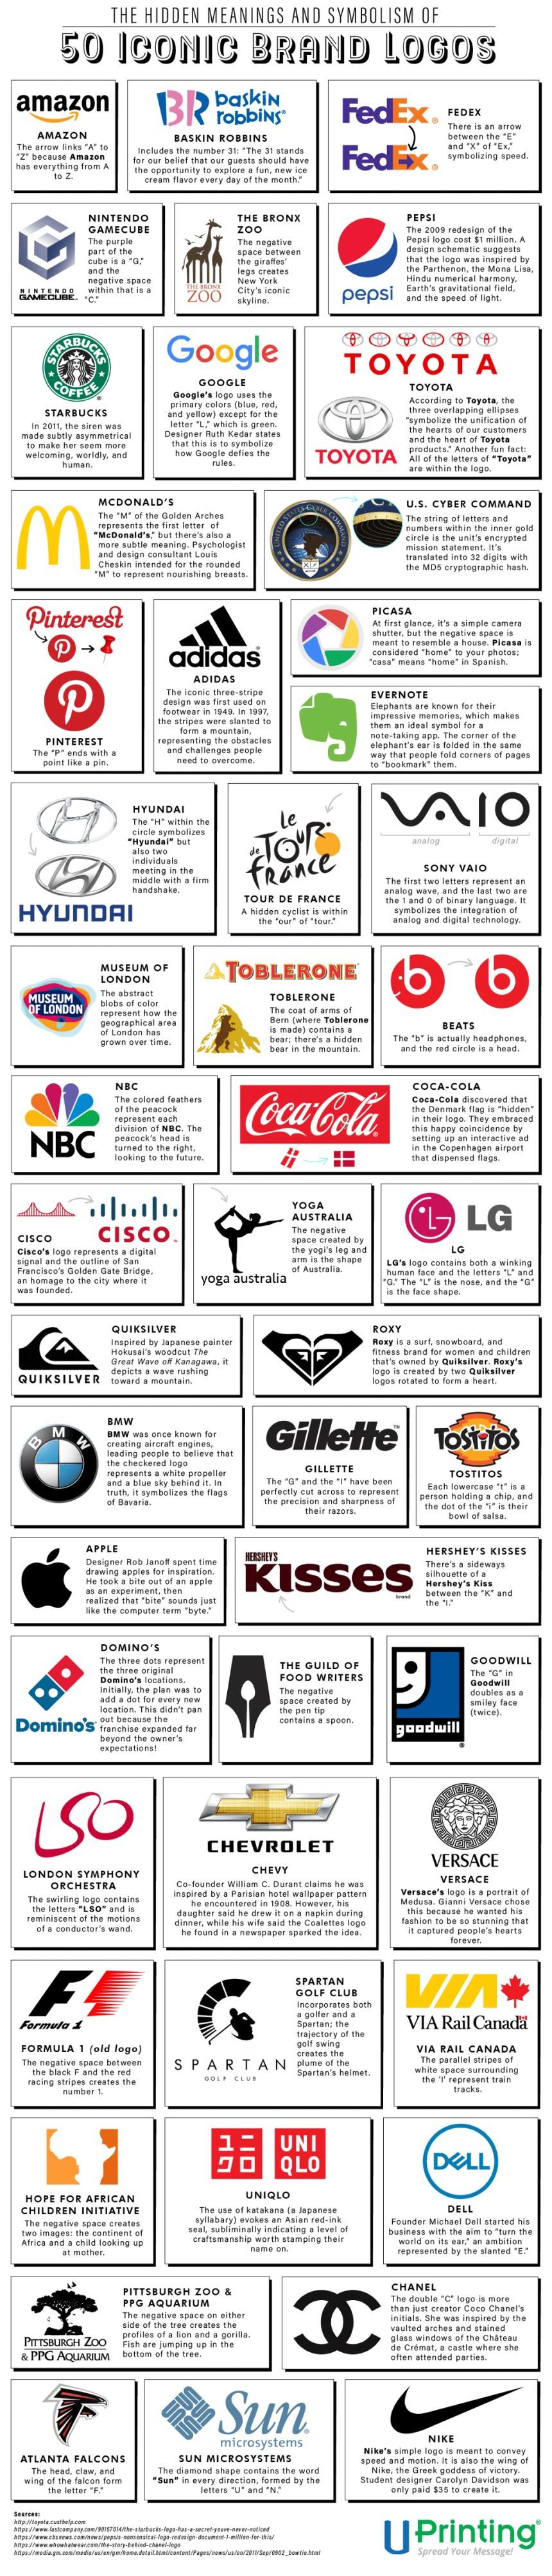 Mensajes ocultos y simbología de 50 Logos icónicos